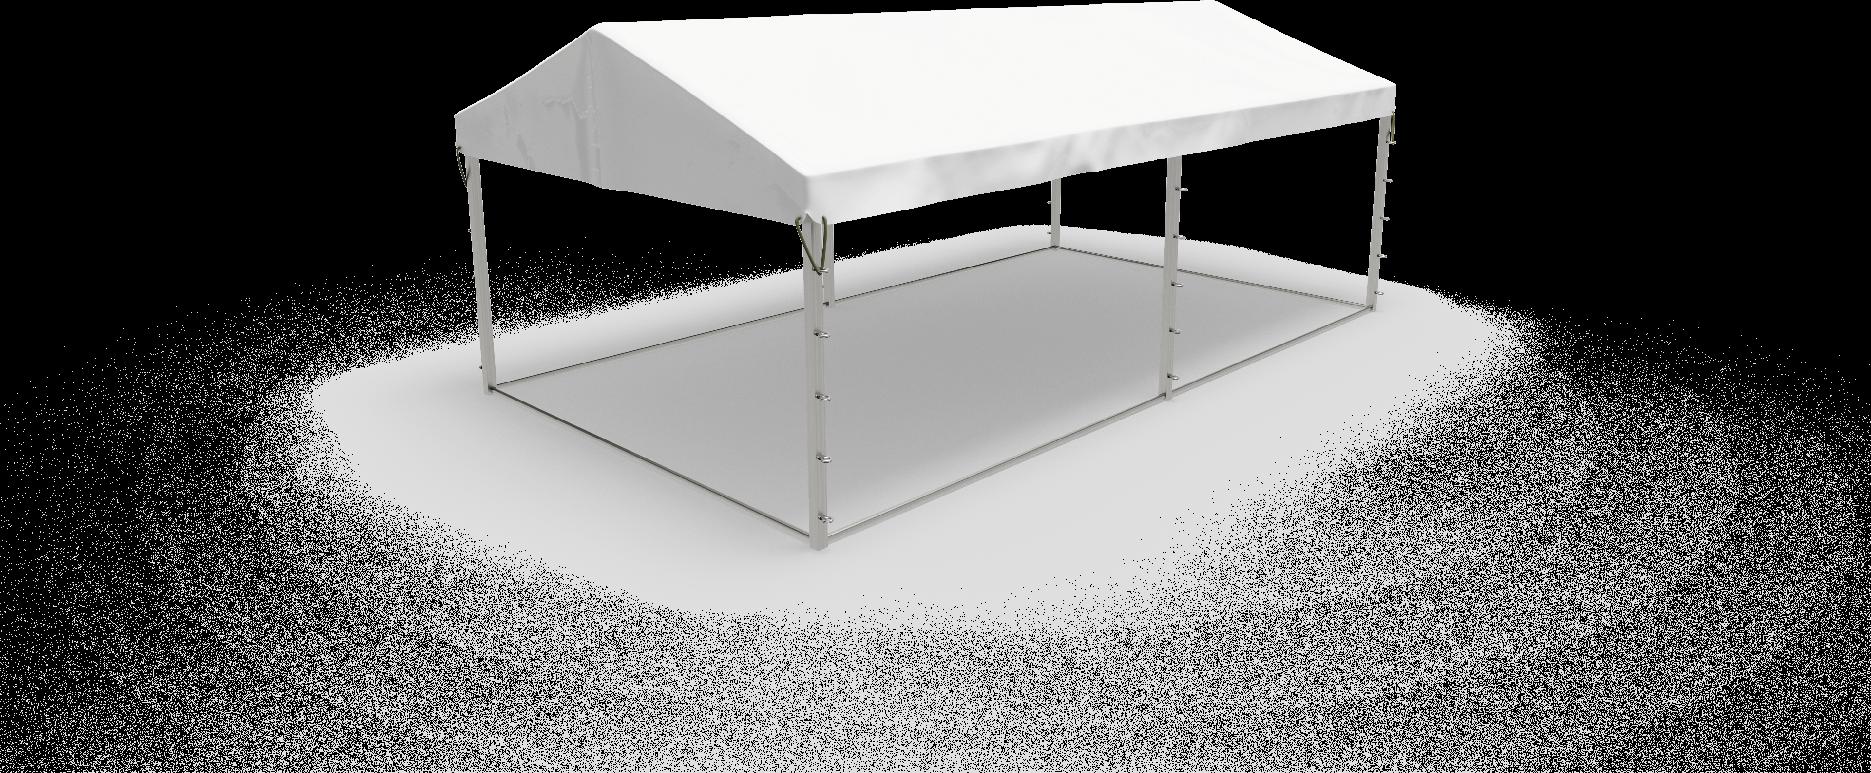 Zadaszenie z plandeki białe dach, plandeka na dach